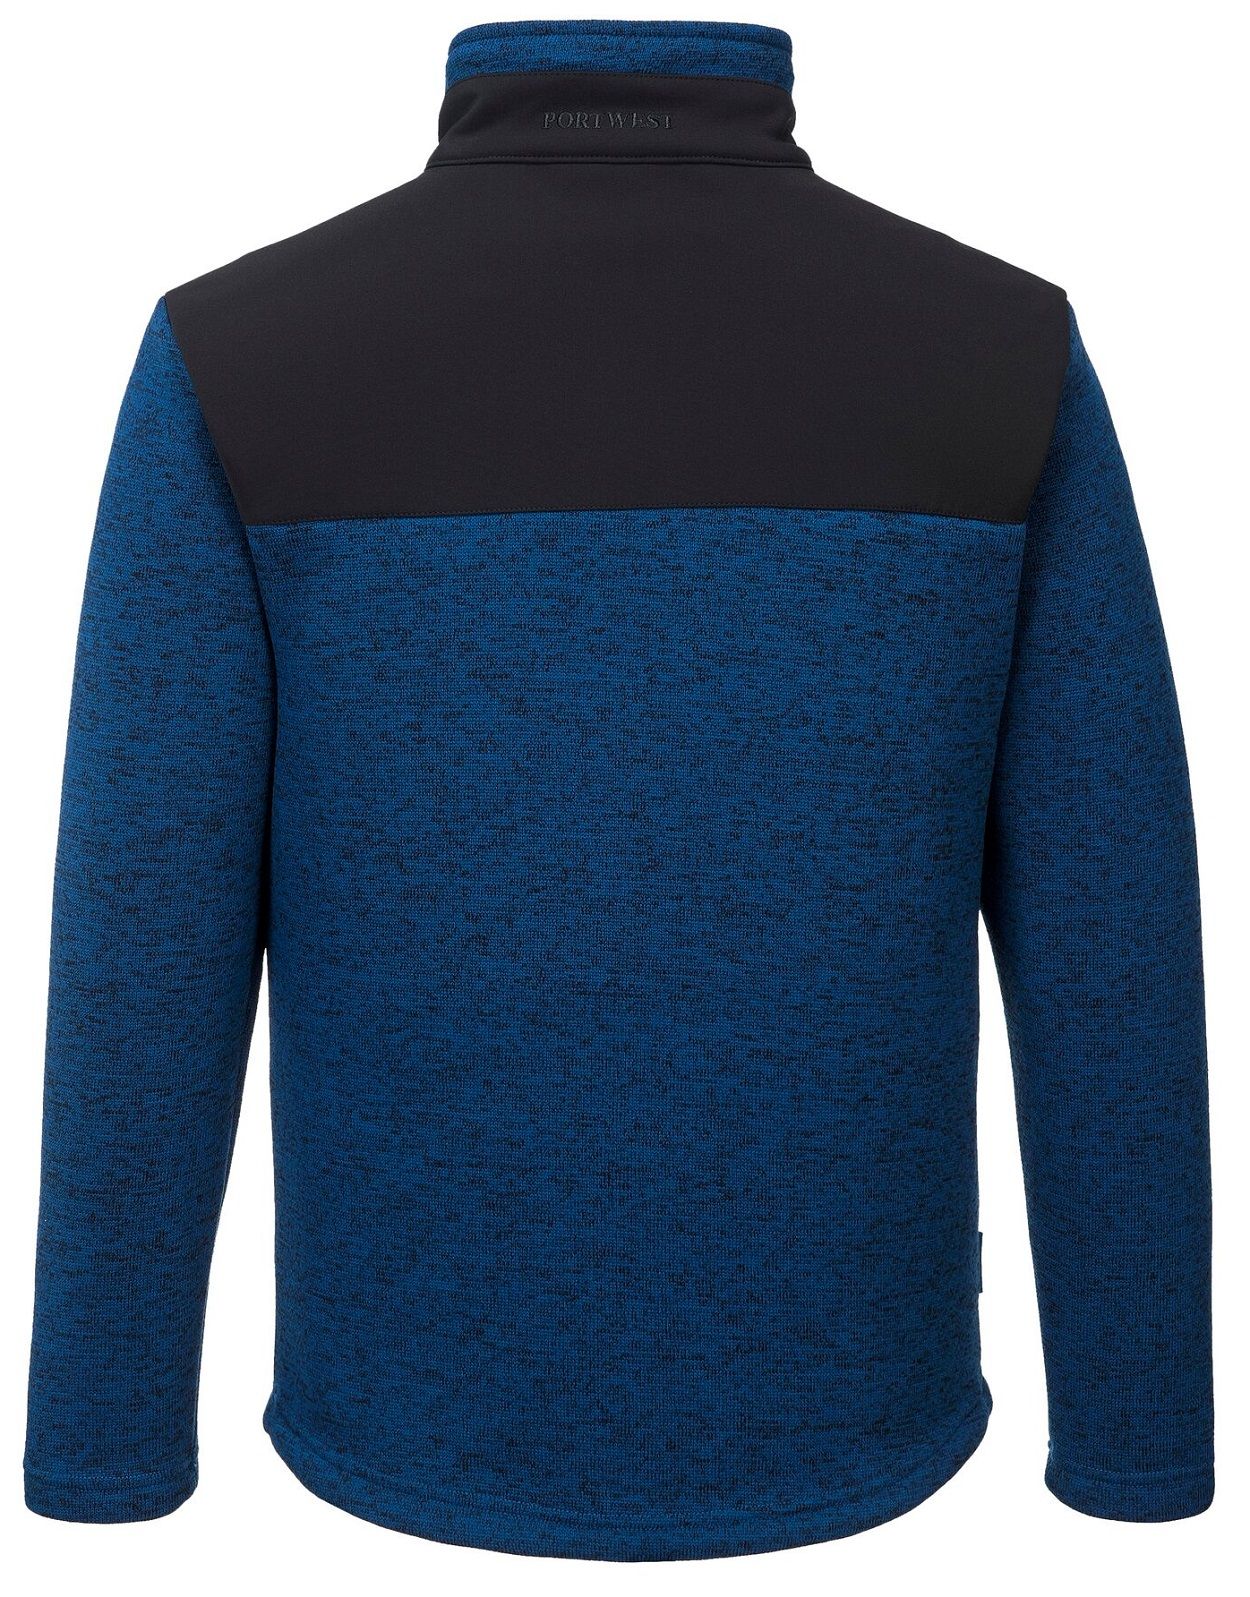 t830-persian blue 4